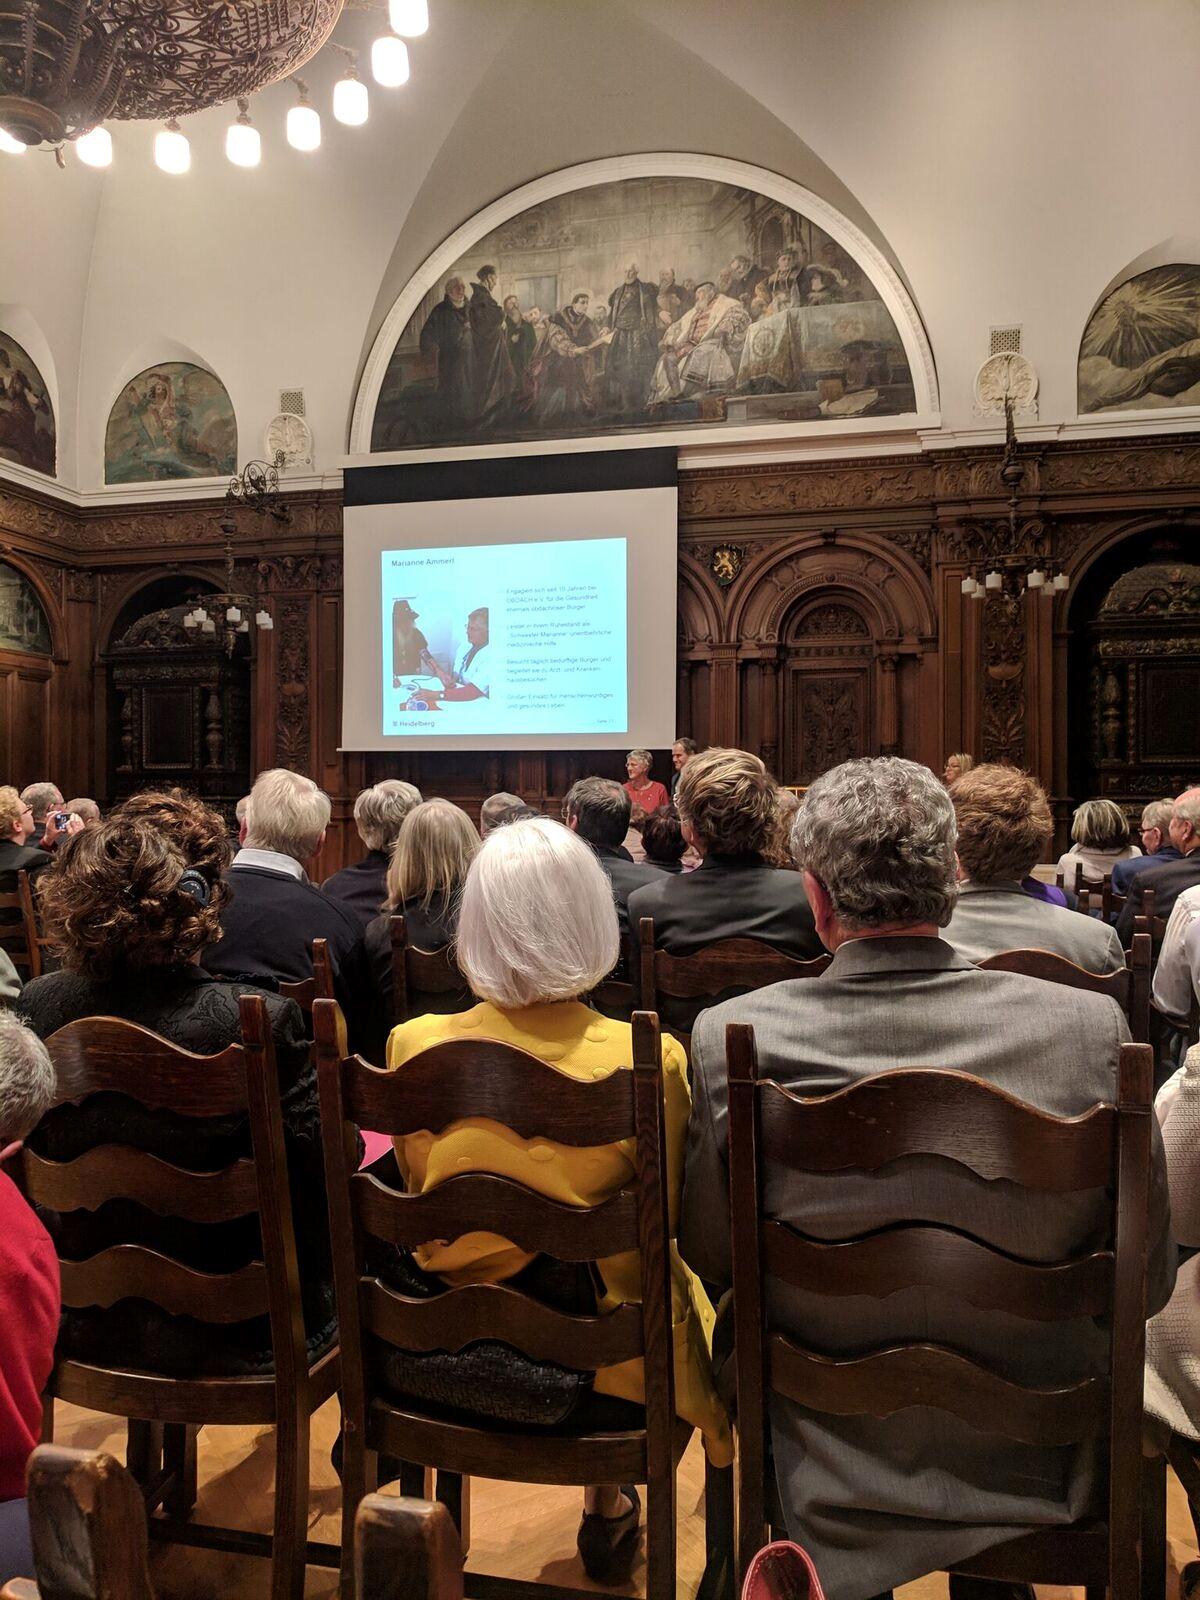 Verleihung der Bürgerplakette der Stadt Heidelberg an Marianne Ammerl